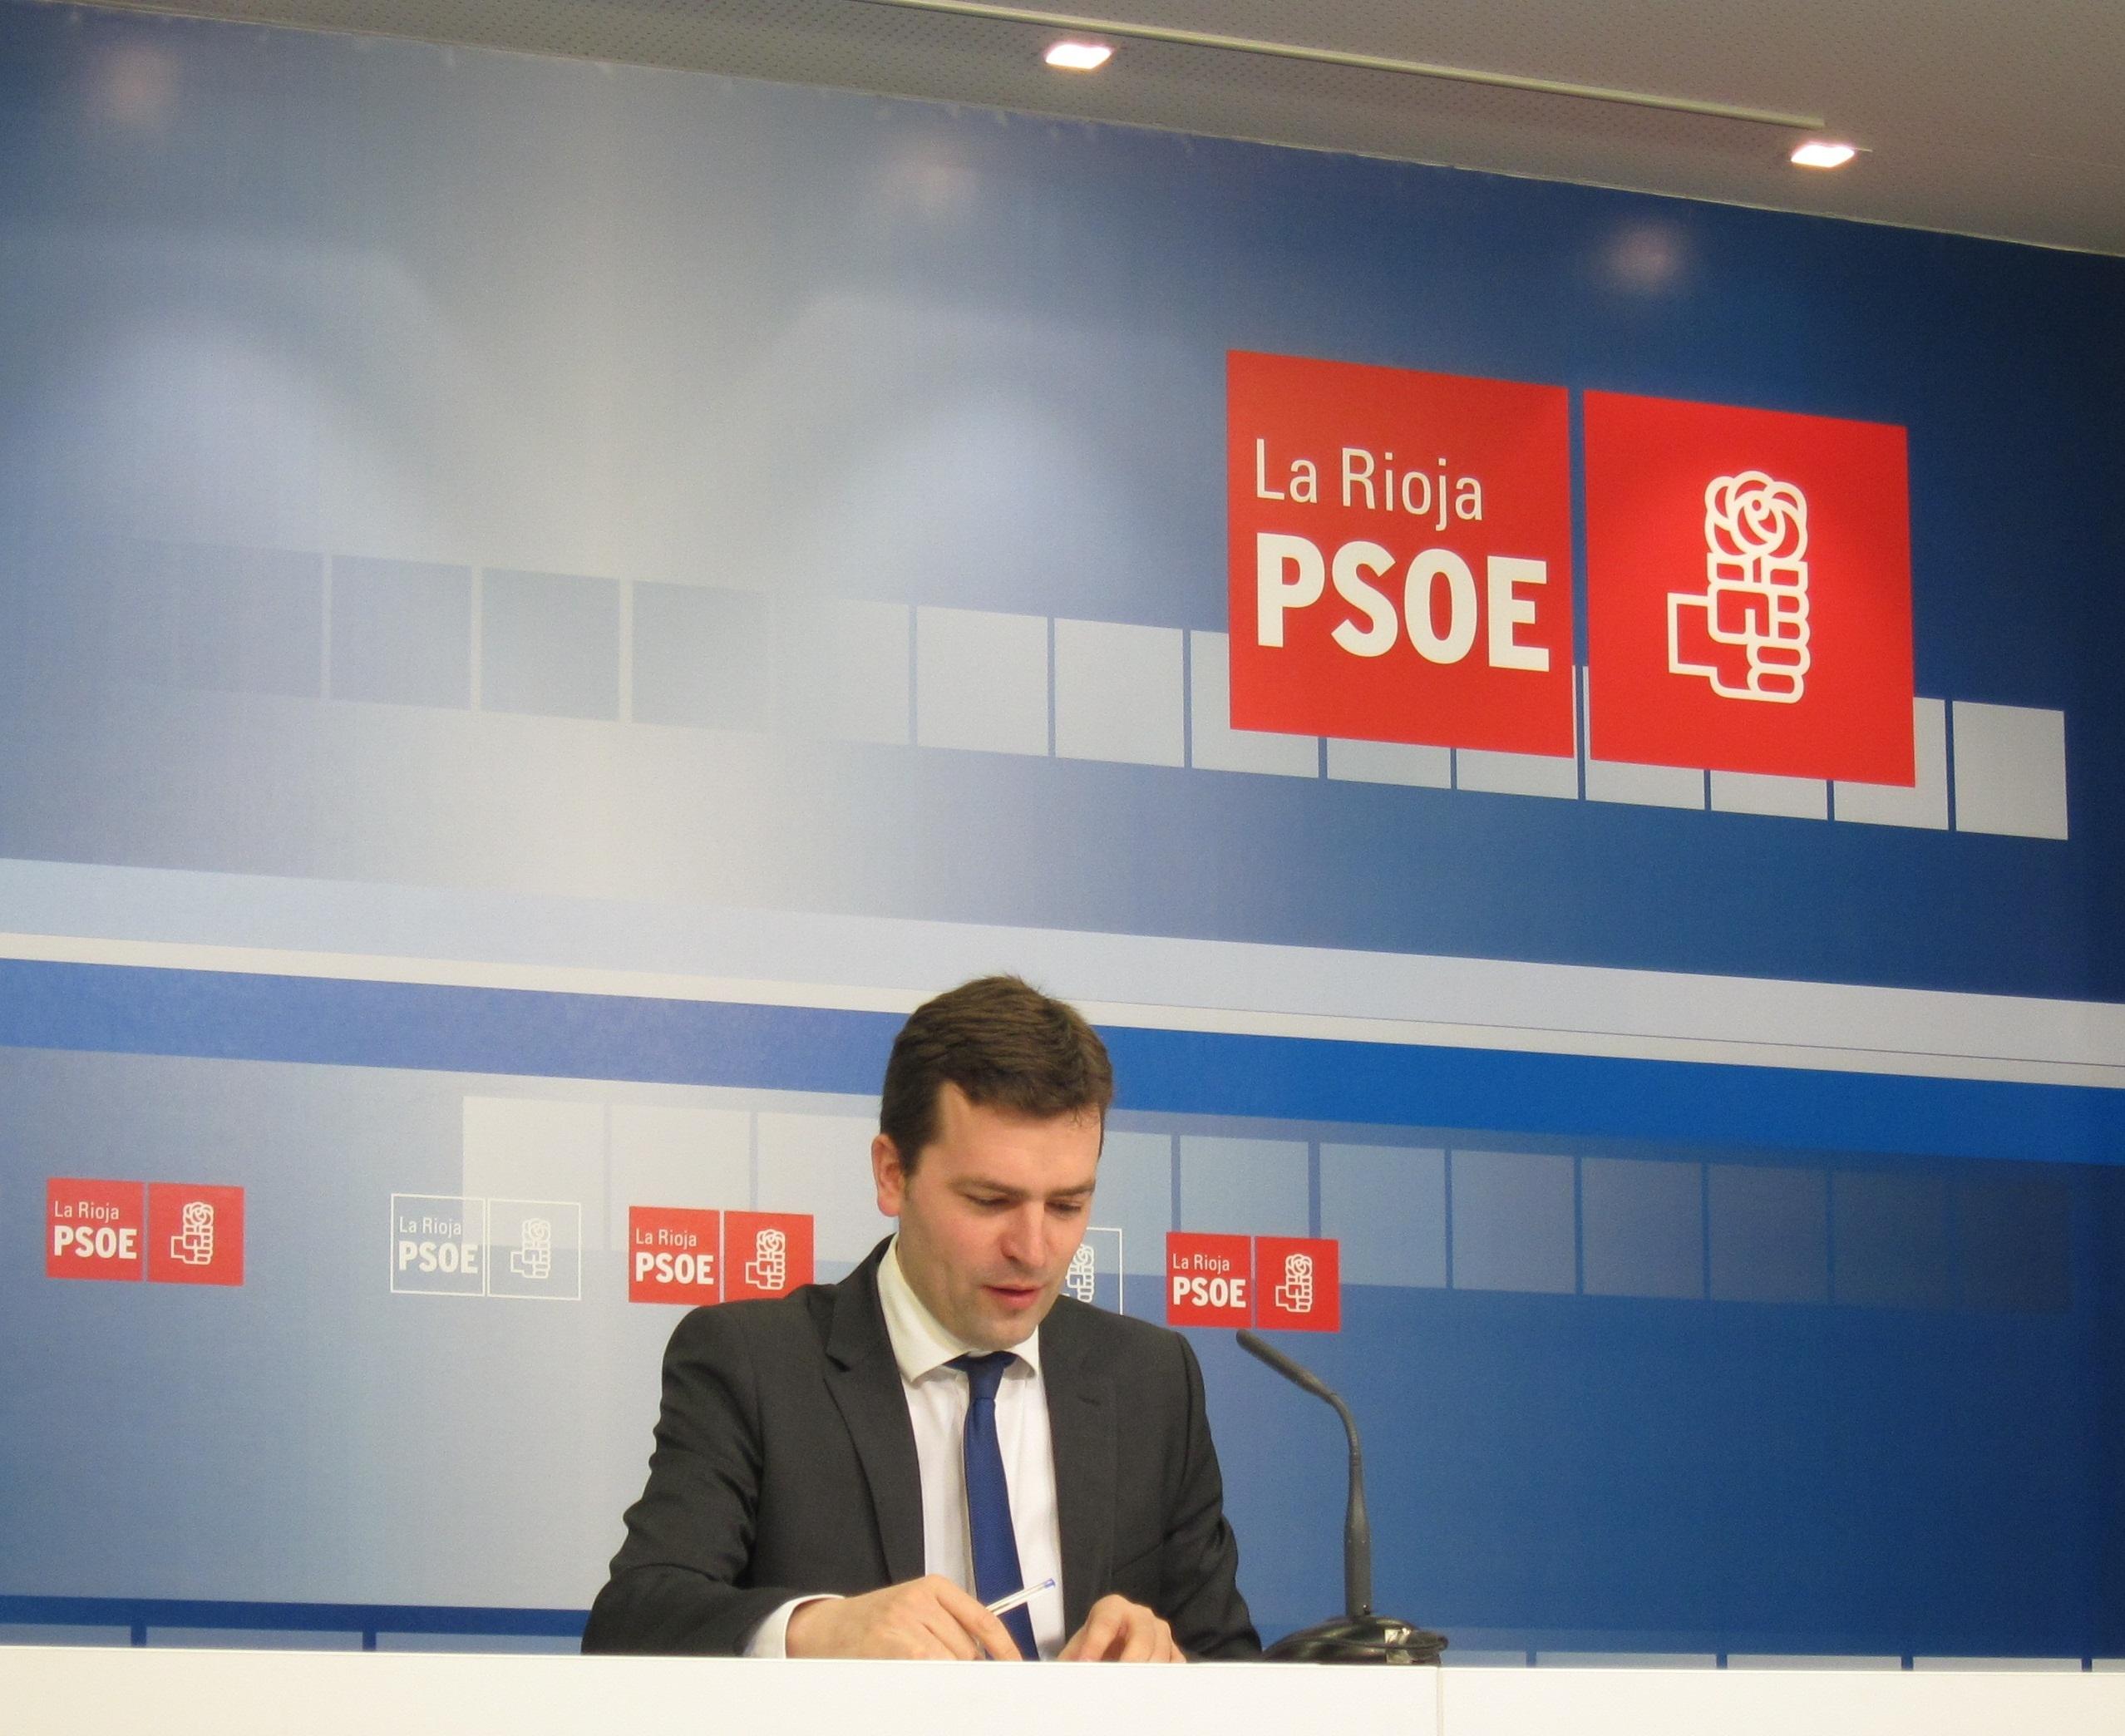 La decisión del Tribunal Administrativo «no legitima la privatización de Radiología» para el PSOE